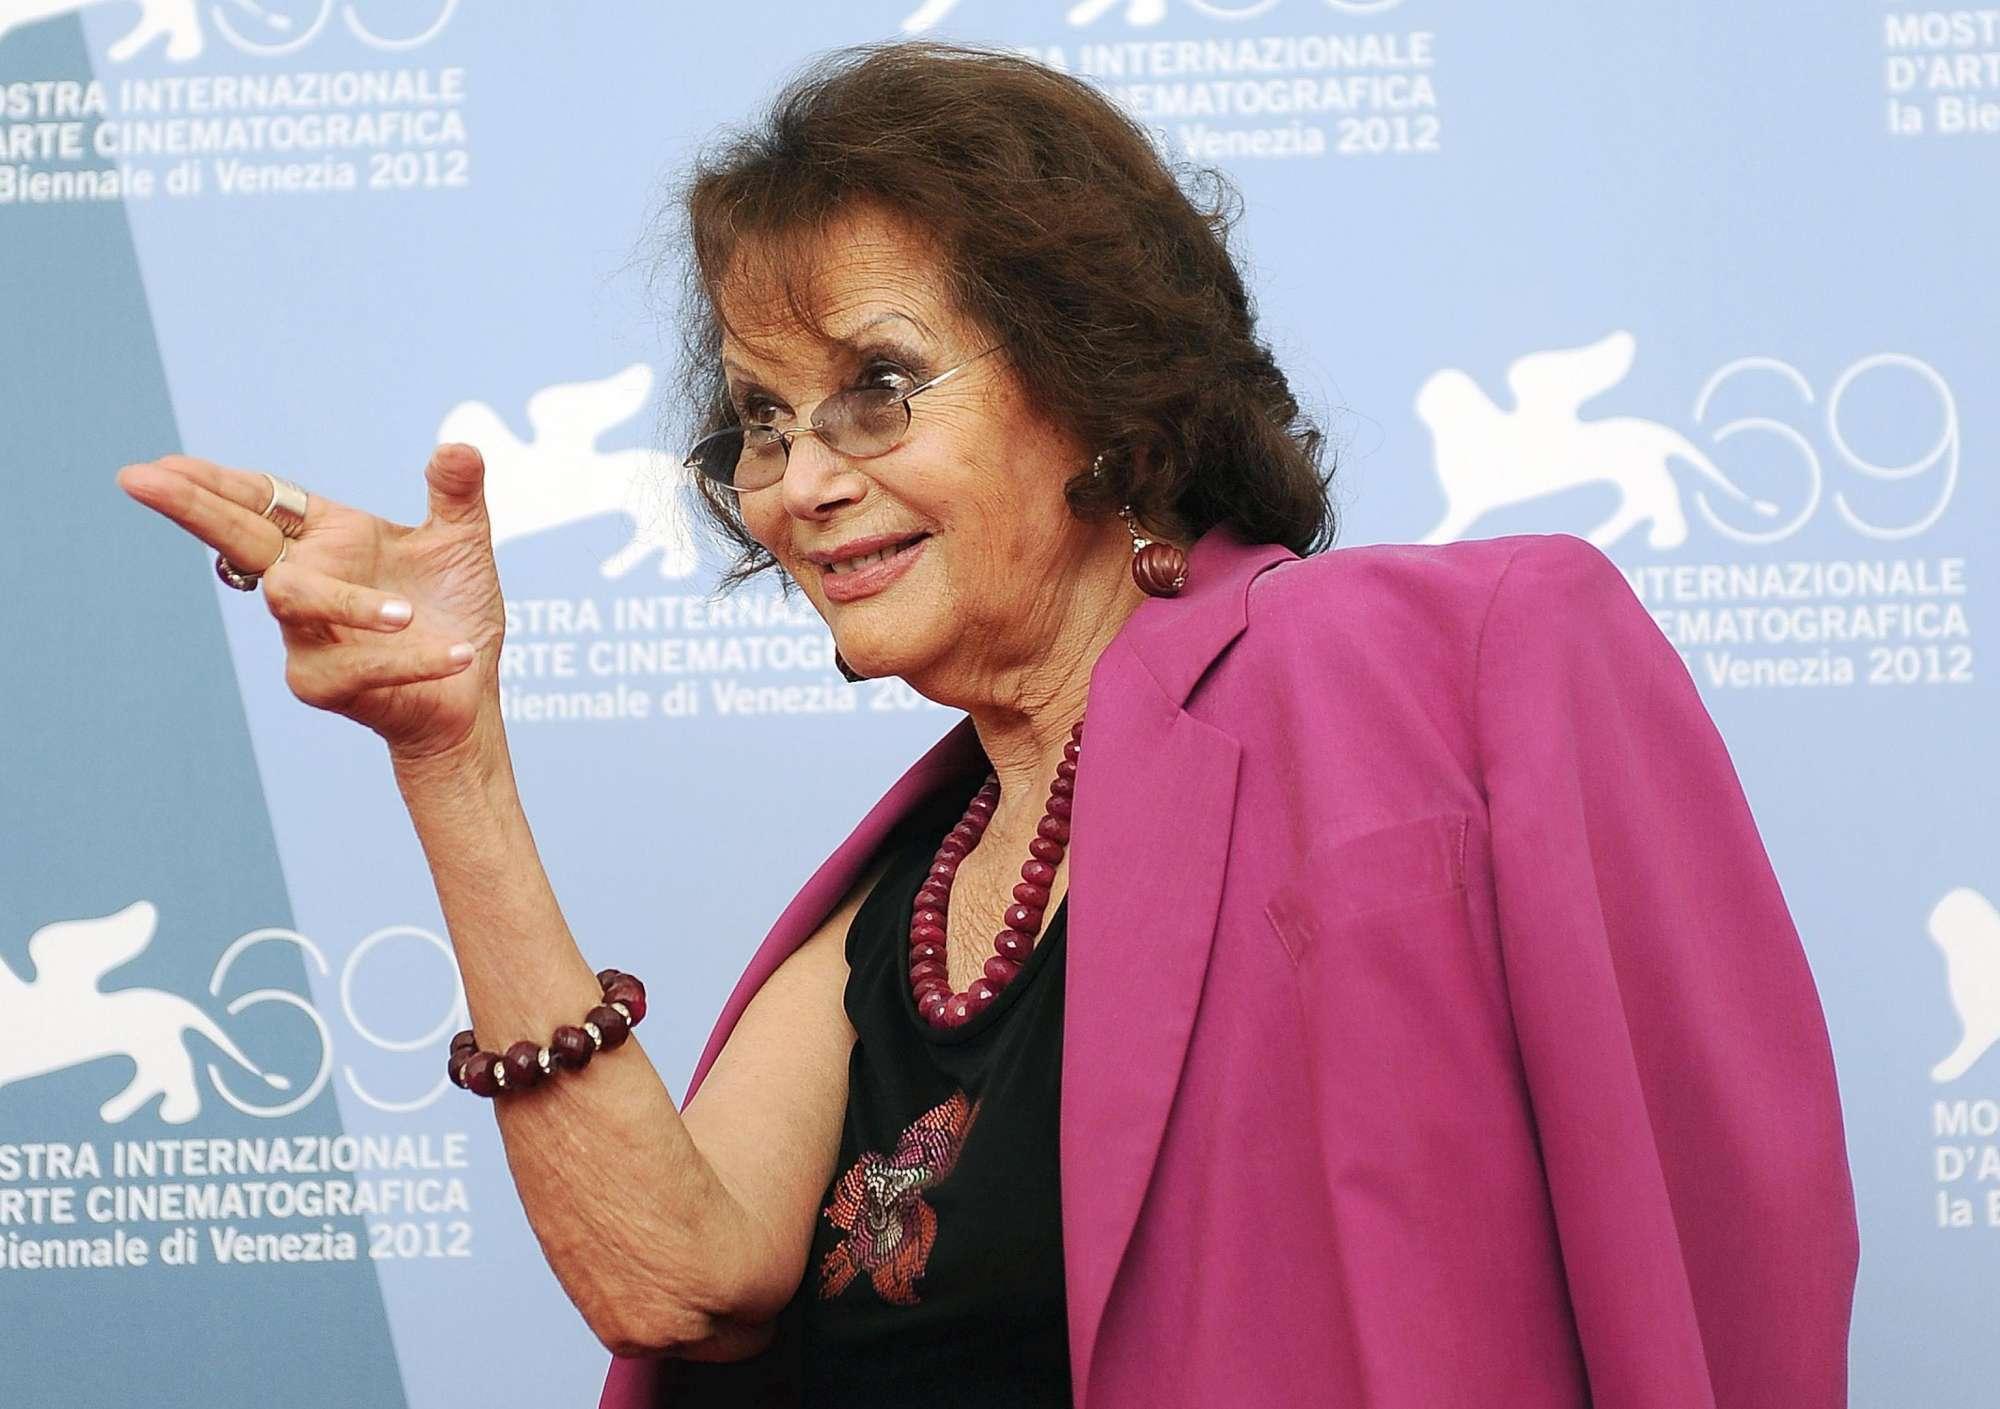 Buon compleanno Claudia Cardinale, l attrice compie 80 anni